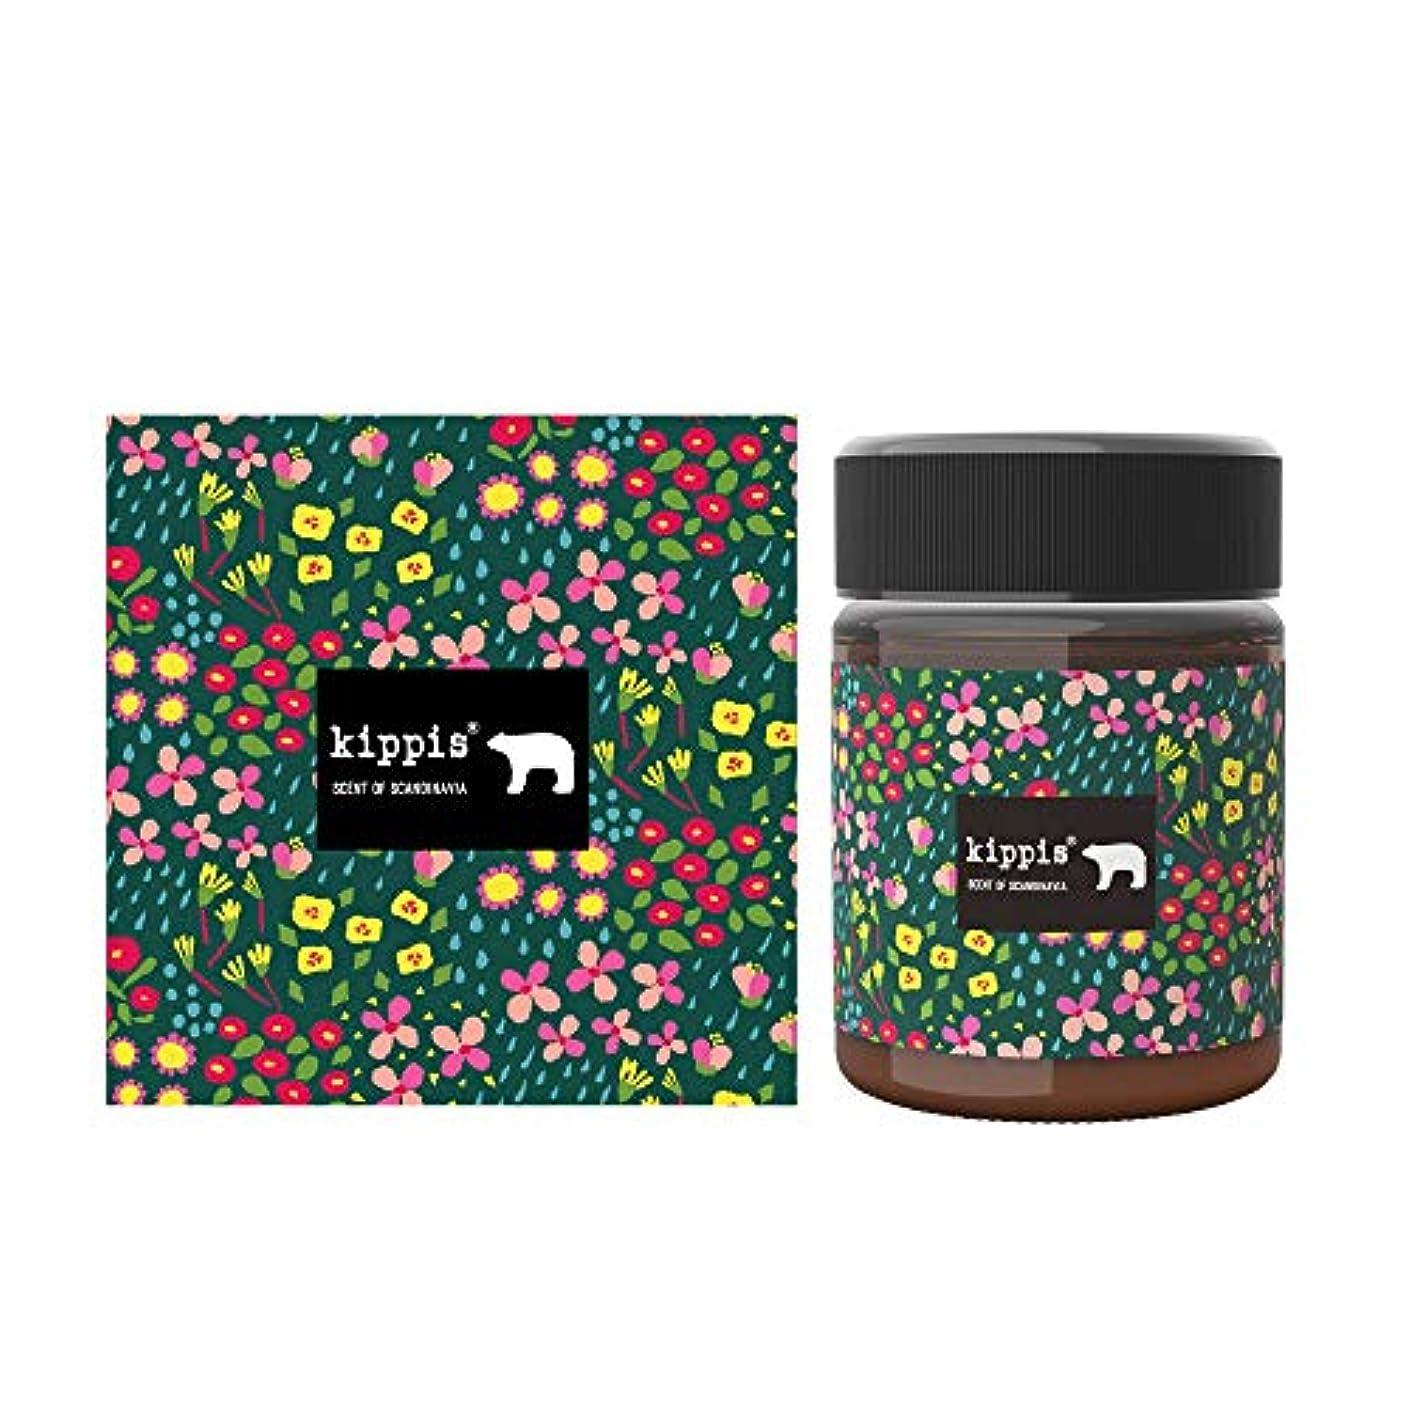 靴メモ熱望するキッピス 髪と肌のトリートメントワックス(風香る森の花々の香り)40g